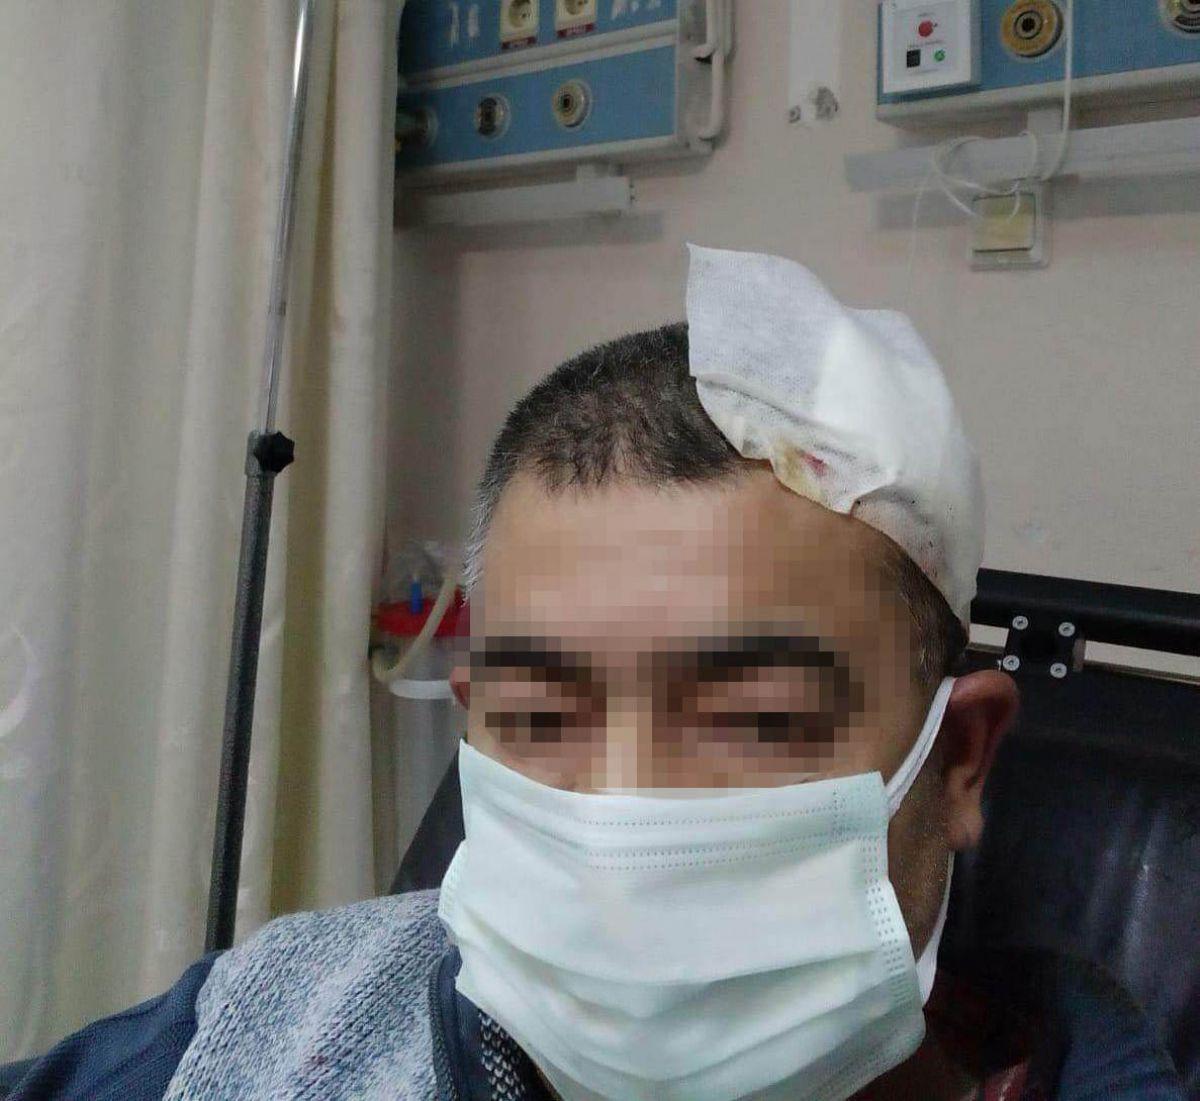 Amasya da imam, kendisini uyaran müezzine saldırdı #1